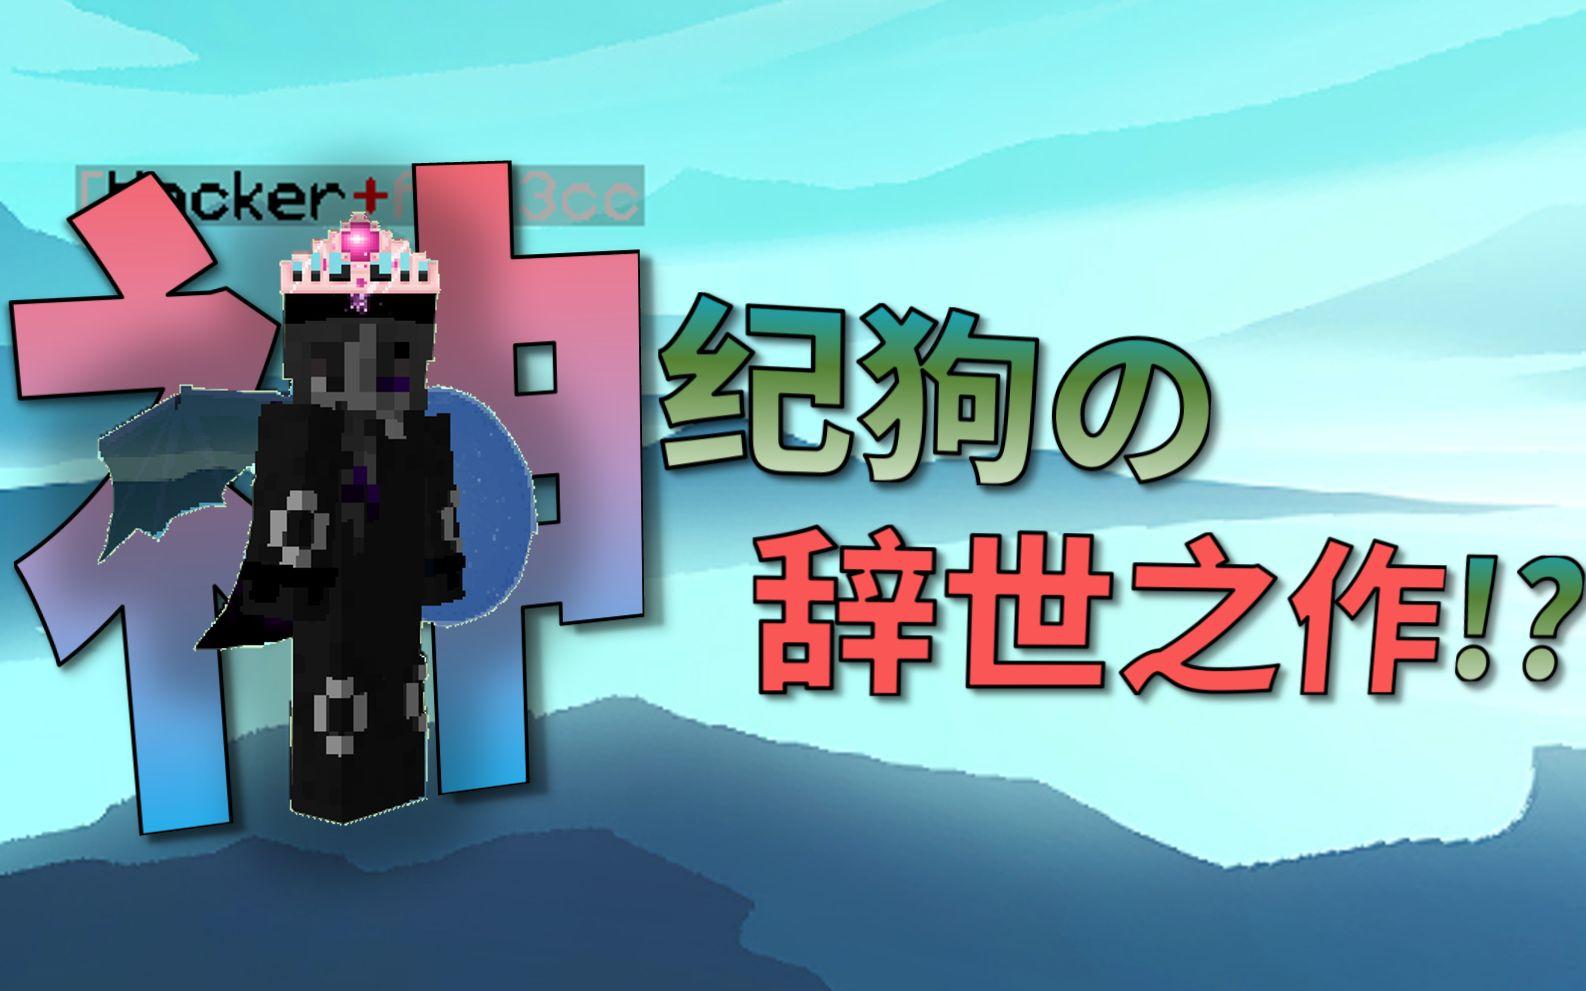 【Minecraft】极致爆燃!自救巅峰!万粉Up主的辞世之作!?点进来把你秀到裂开!...awa